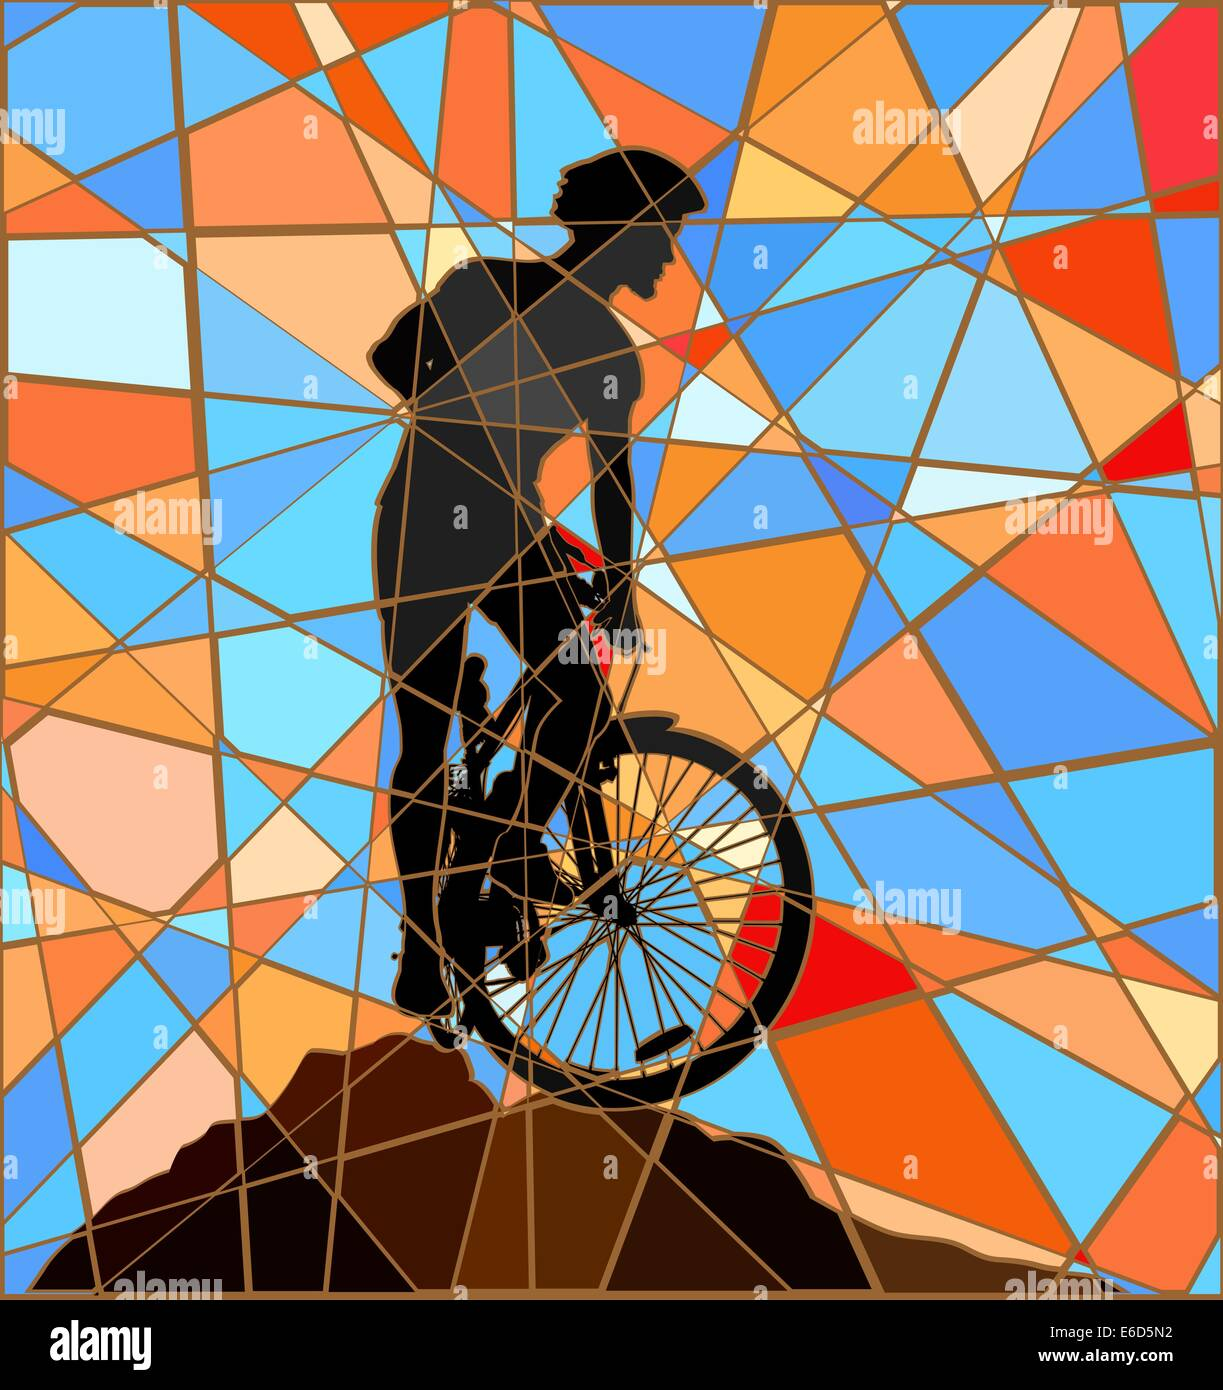 Mosaicos coloridos ilustración vectorial editable de un ciclista de montaña de silueta en una cresta alta Imagen De Stock